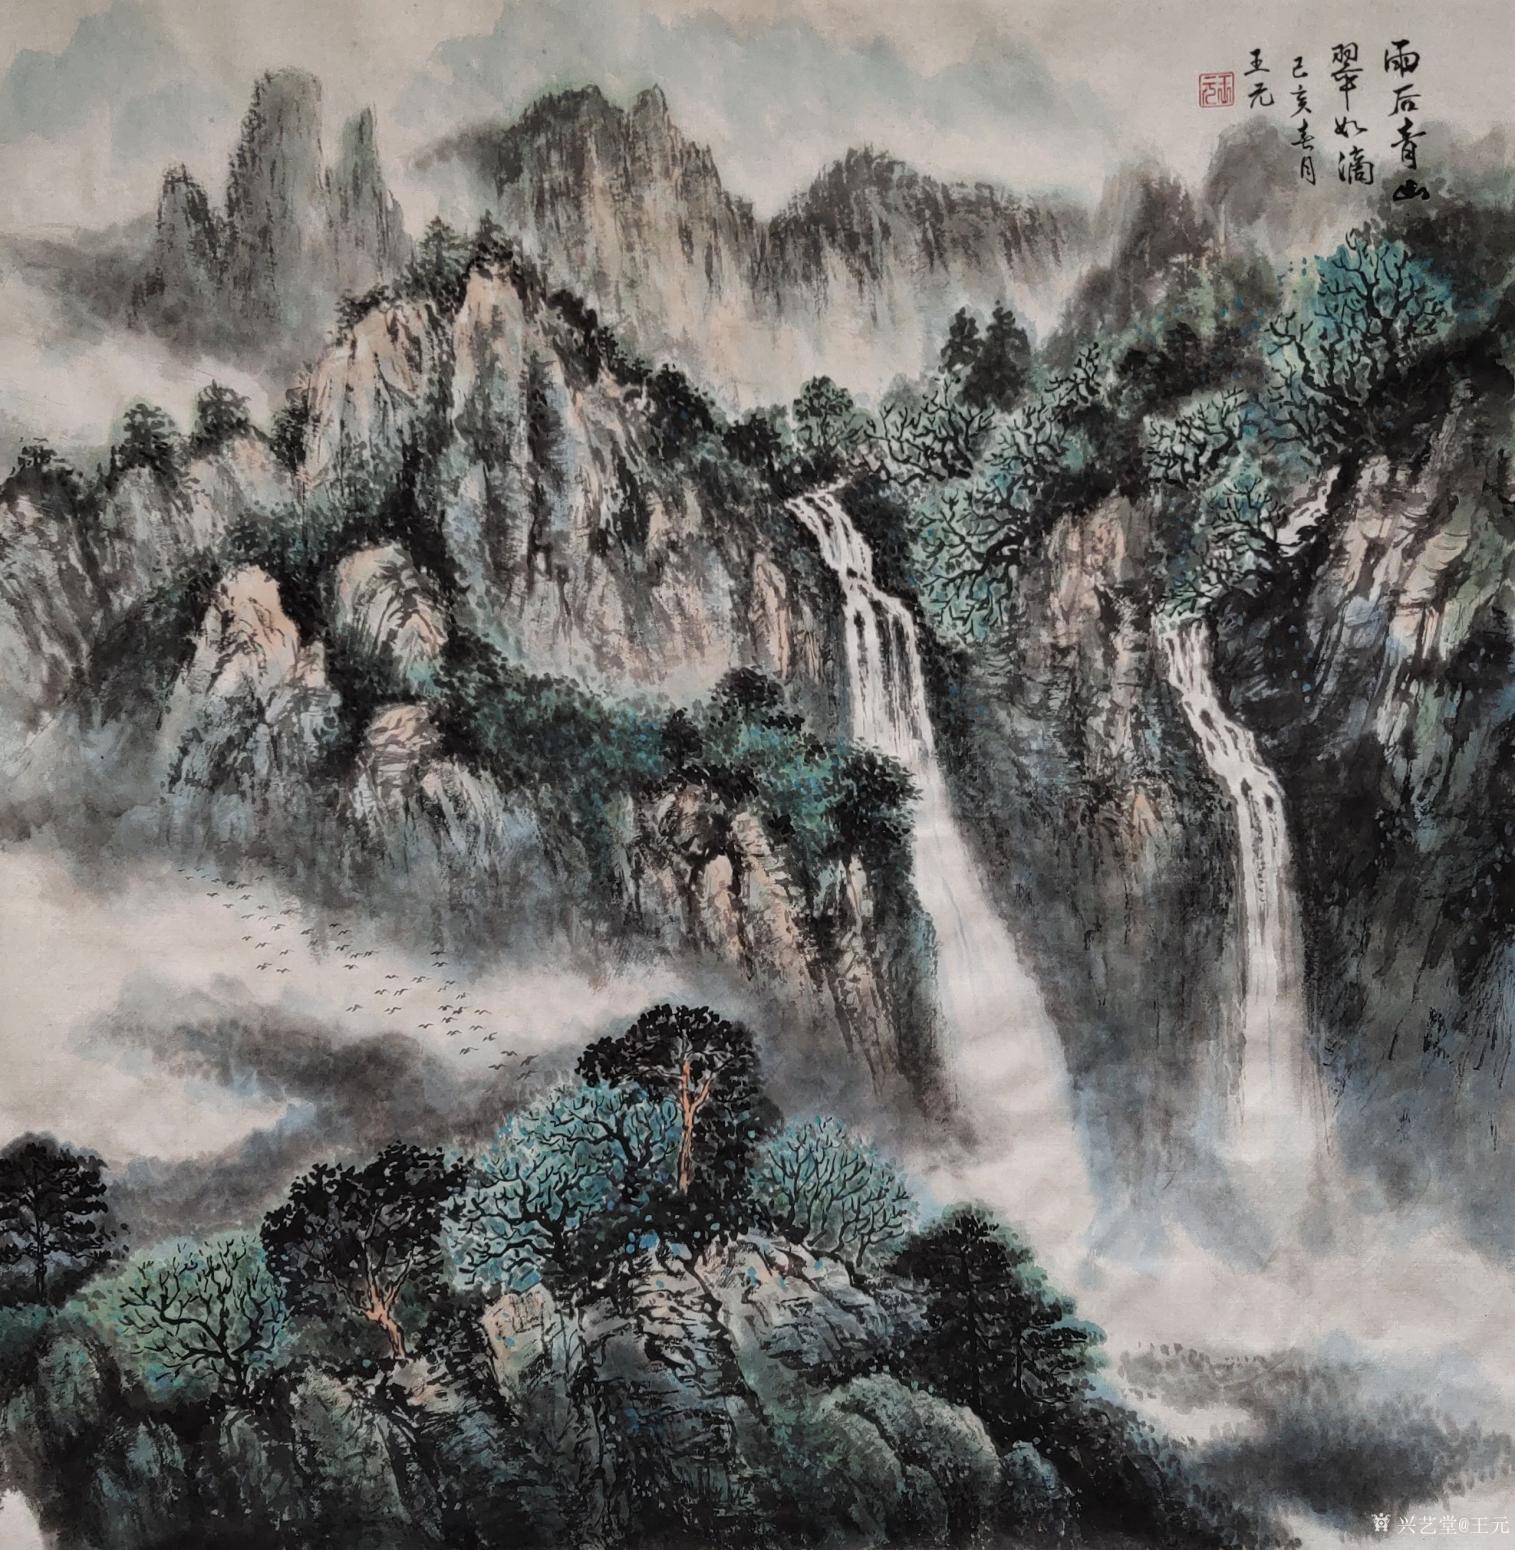 王元国画作品《雨后青山翠如滴》【图0】